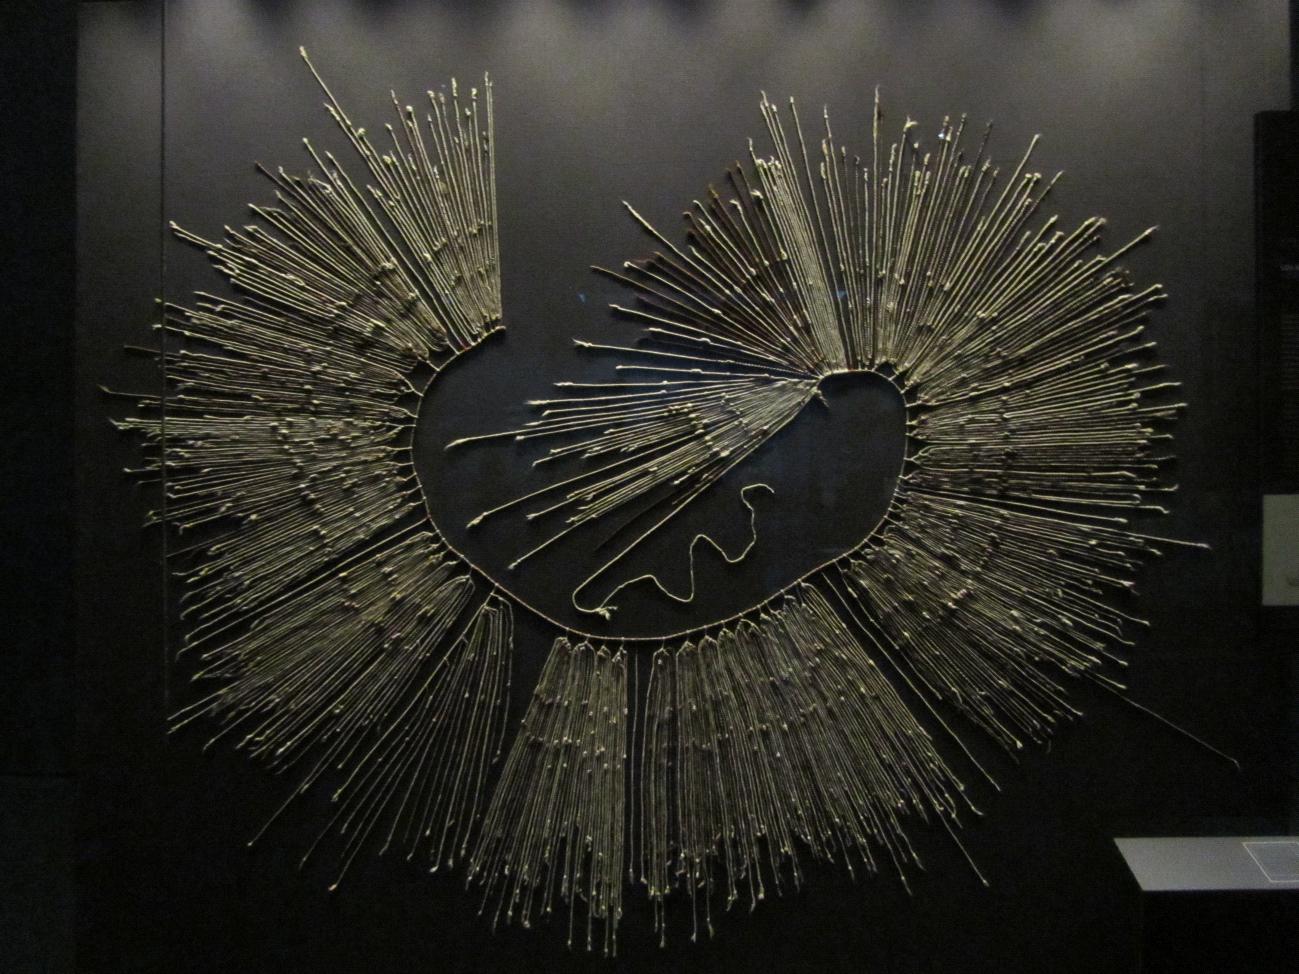 El quipu: ¿algo más que un registro numérico?